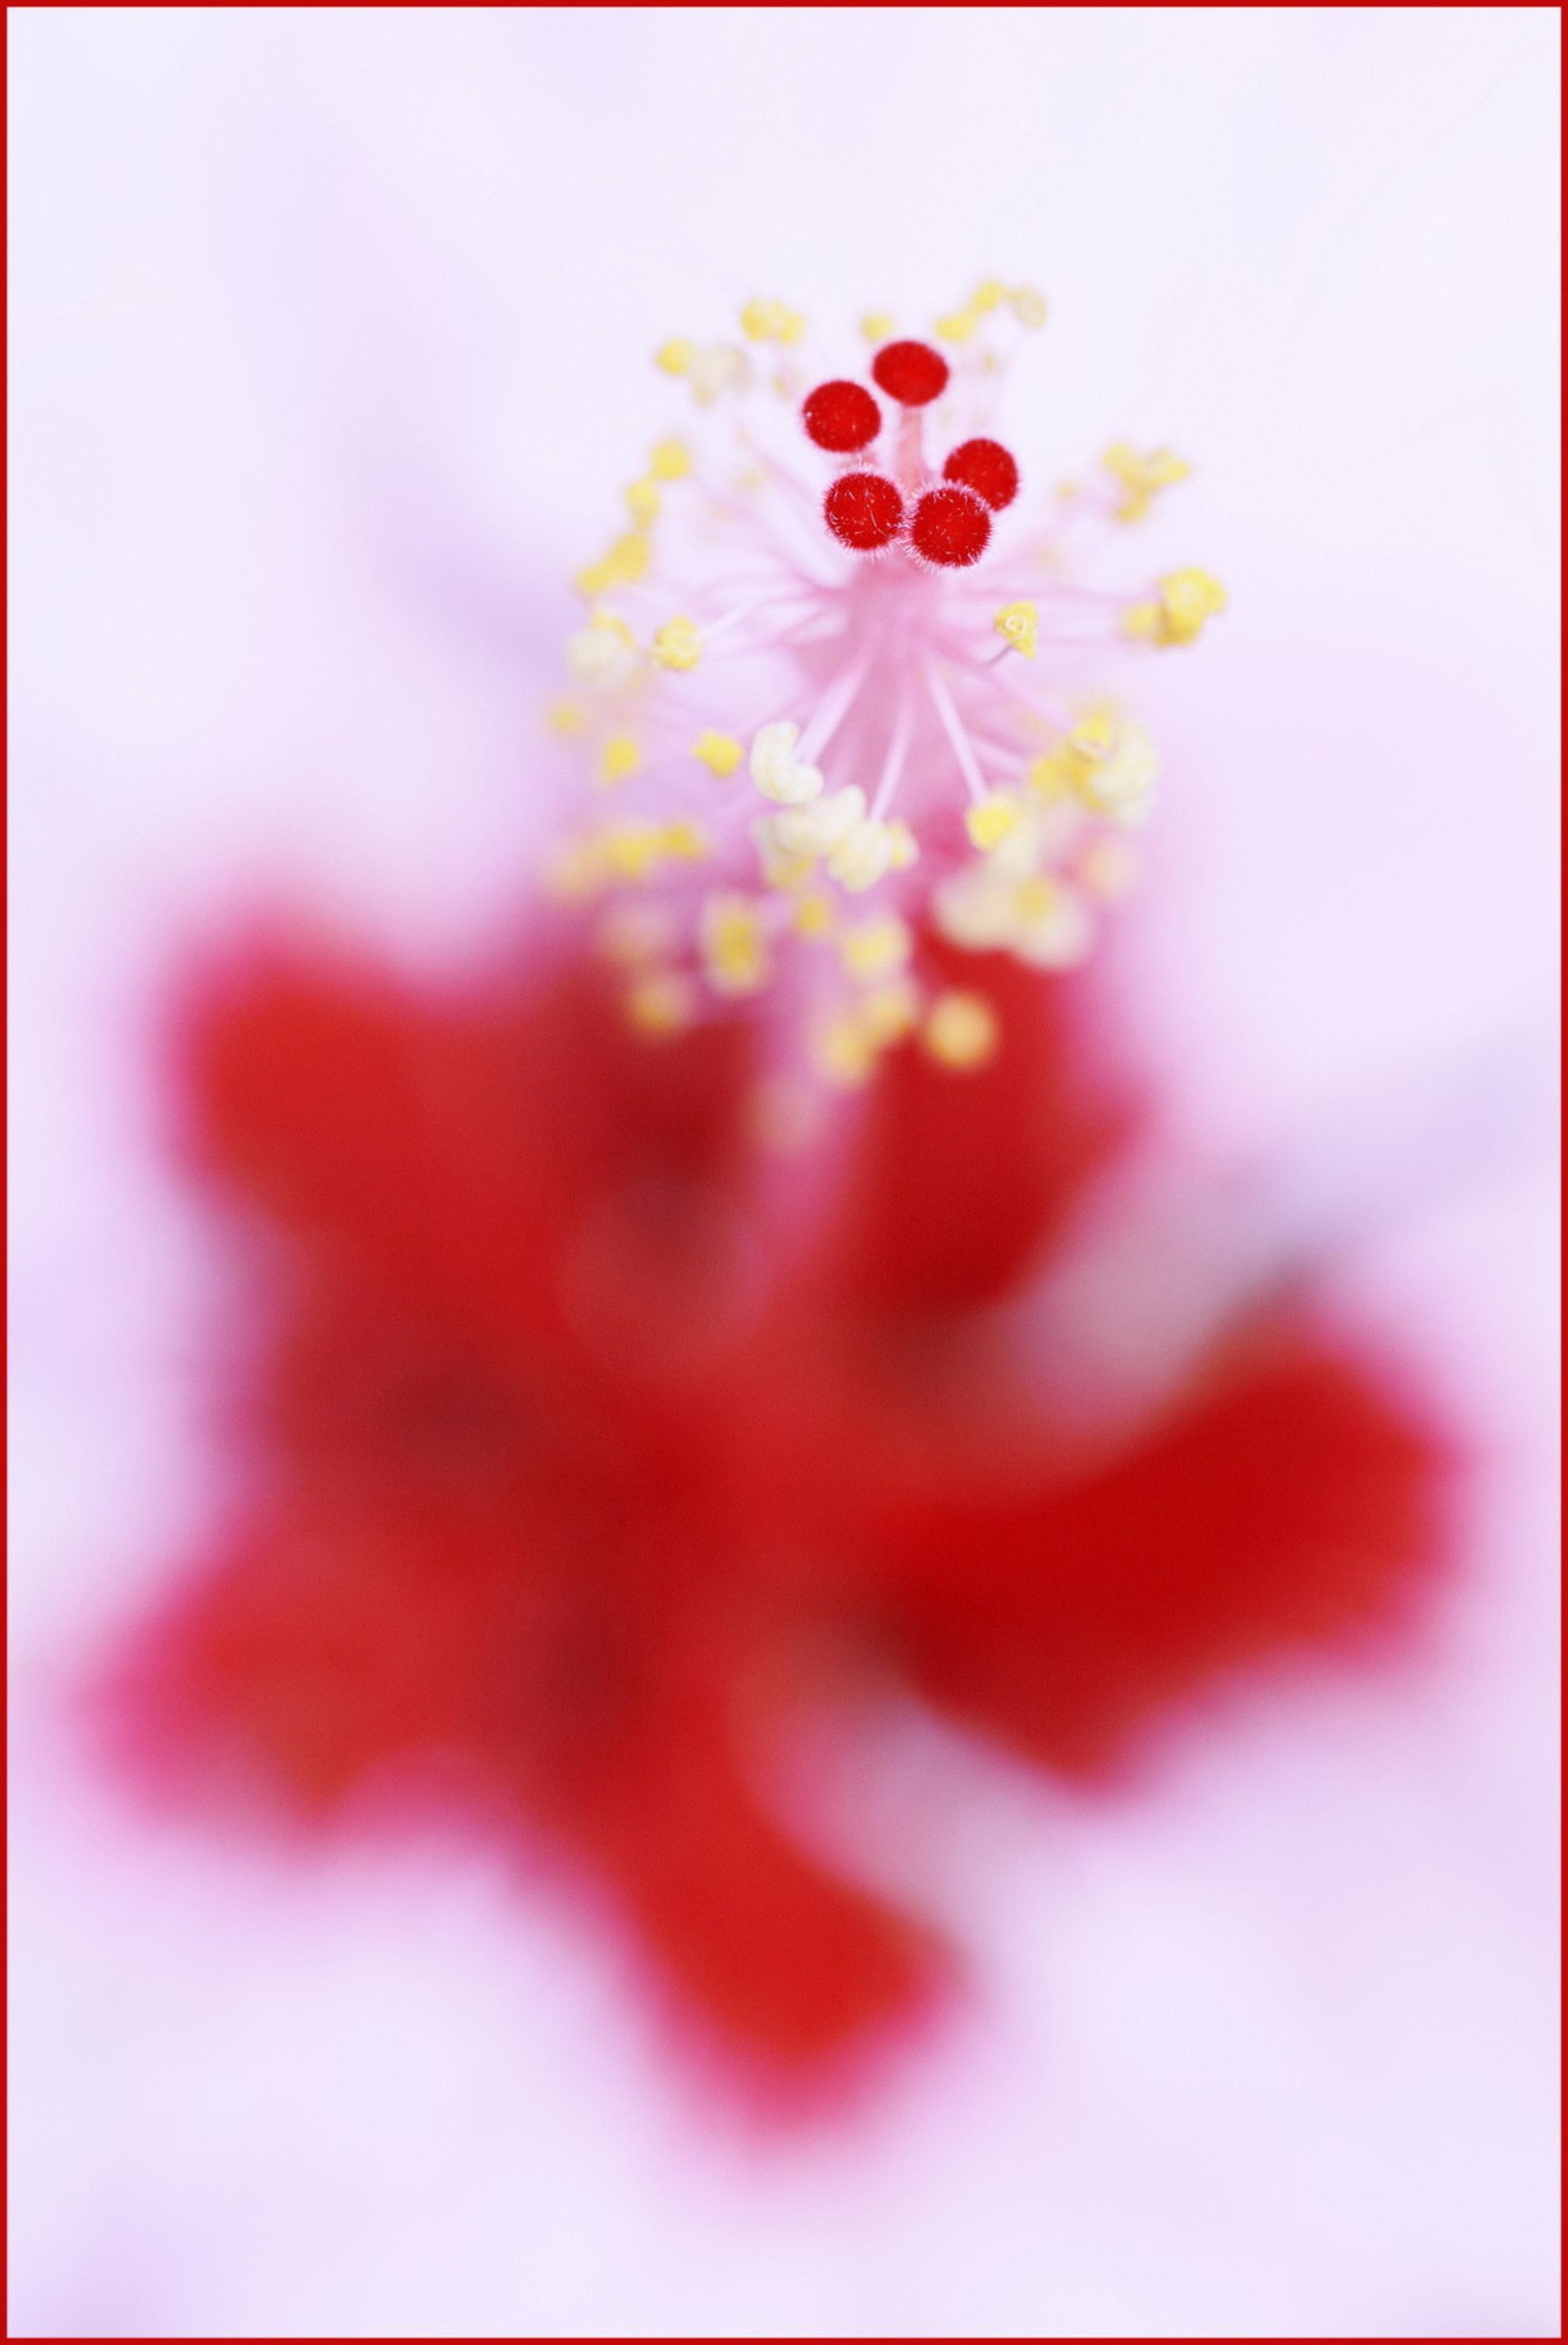 HIBISCUS - De zomer is in de tuin nog niet voorbij. Deze hibiscus staat nog bij de buren in de tuin en zag er nog fris uit, dus..... - foto door lucievanmeteren op 27-09-2015 - deze foto bevat: roze, rood, macro, bloem, natuur, herfst, tuin - Deze foto mag gebruikt worden in een Zoom.nl publicatie